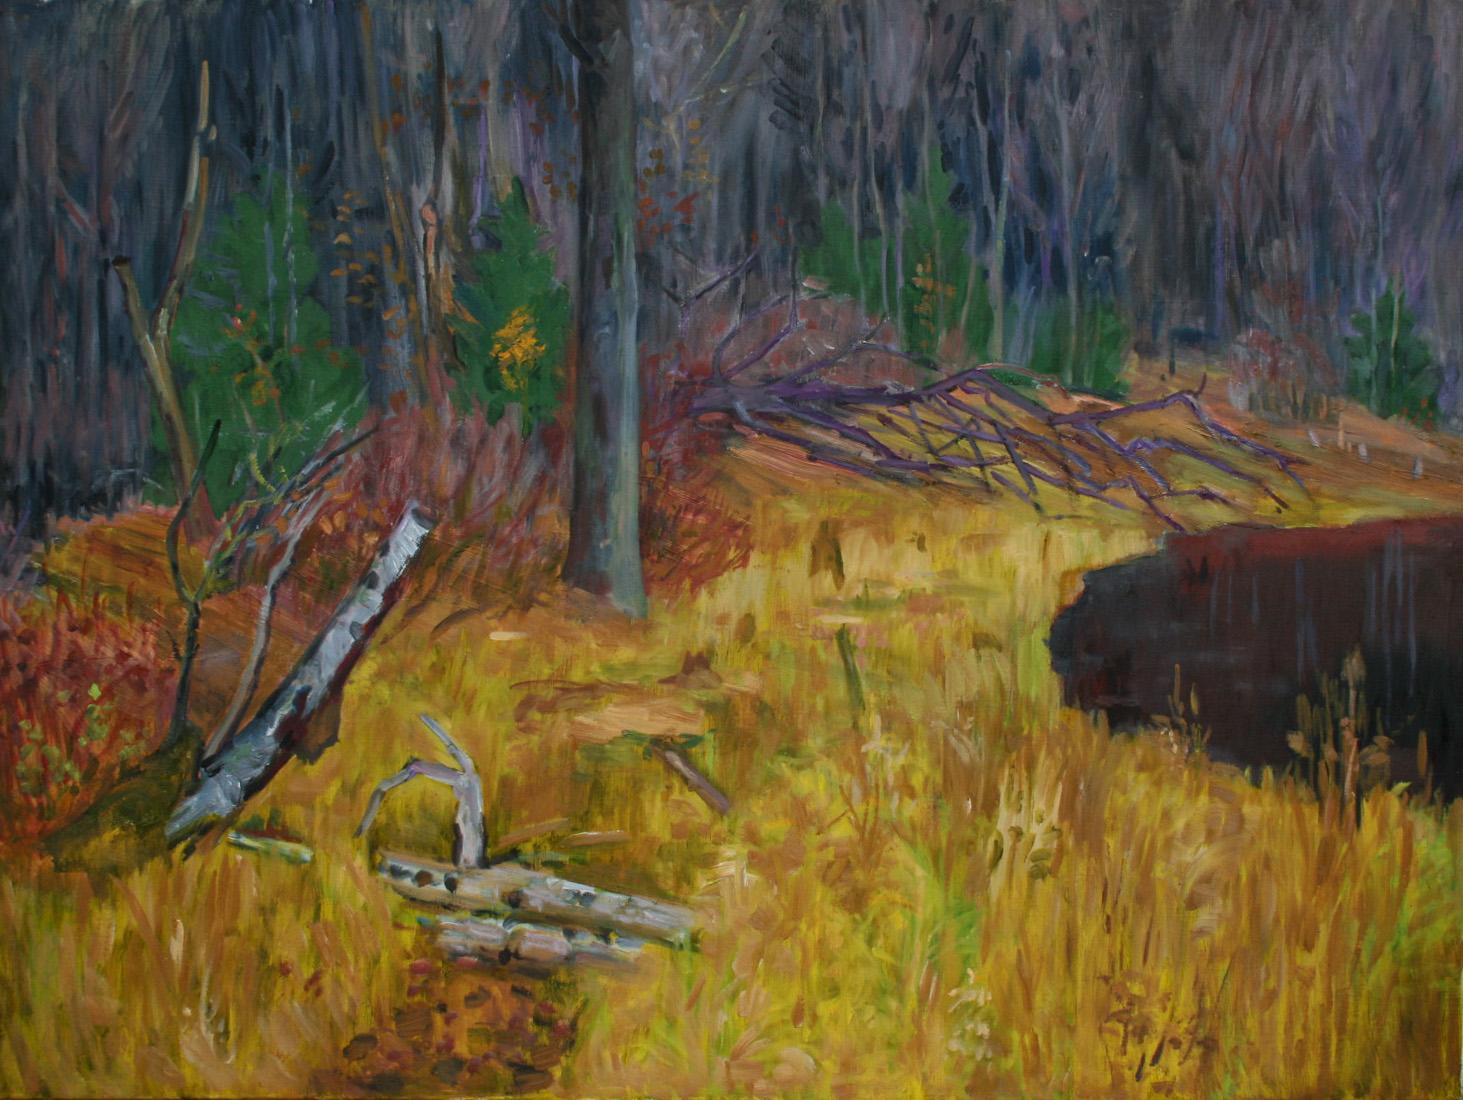 Swamp in November